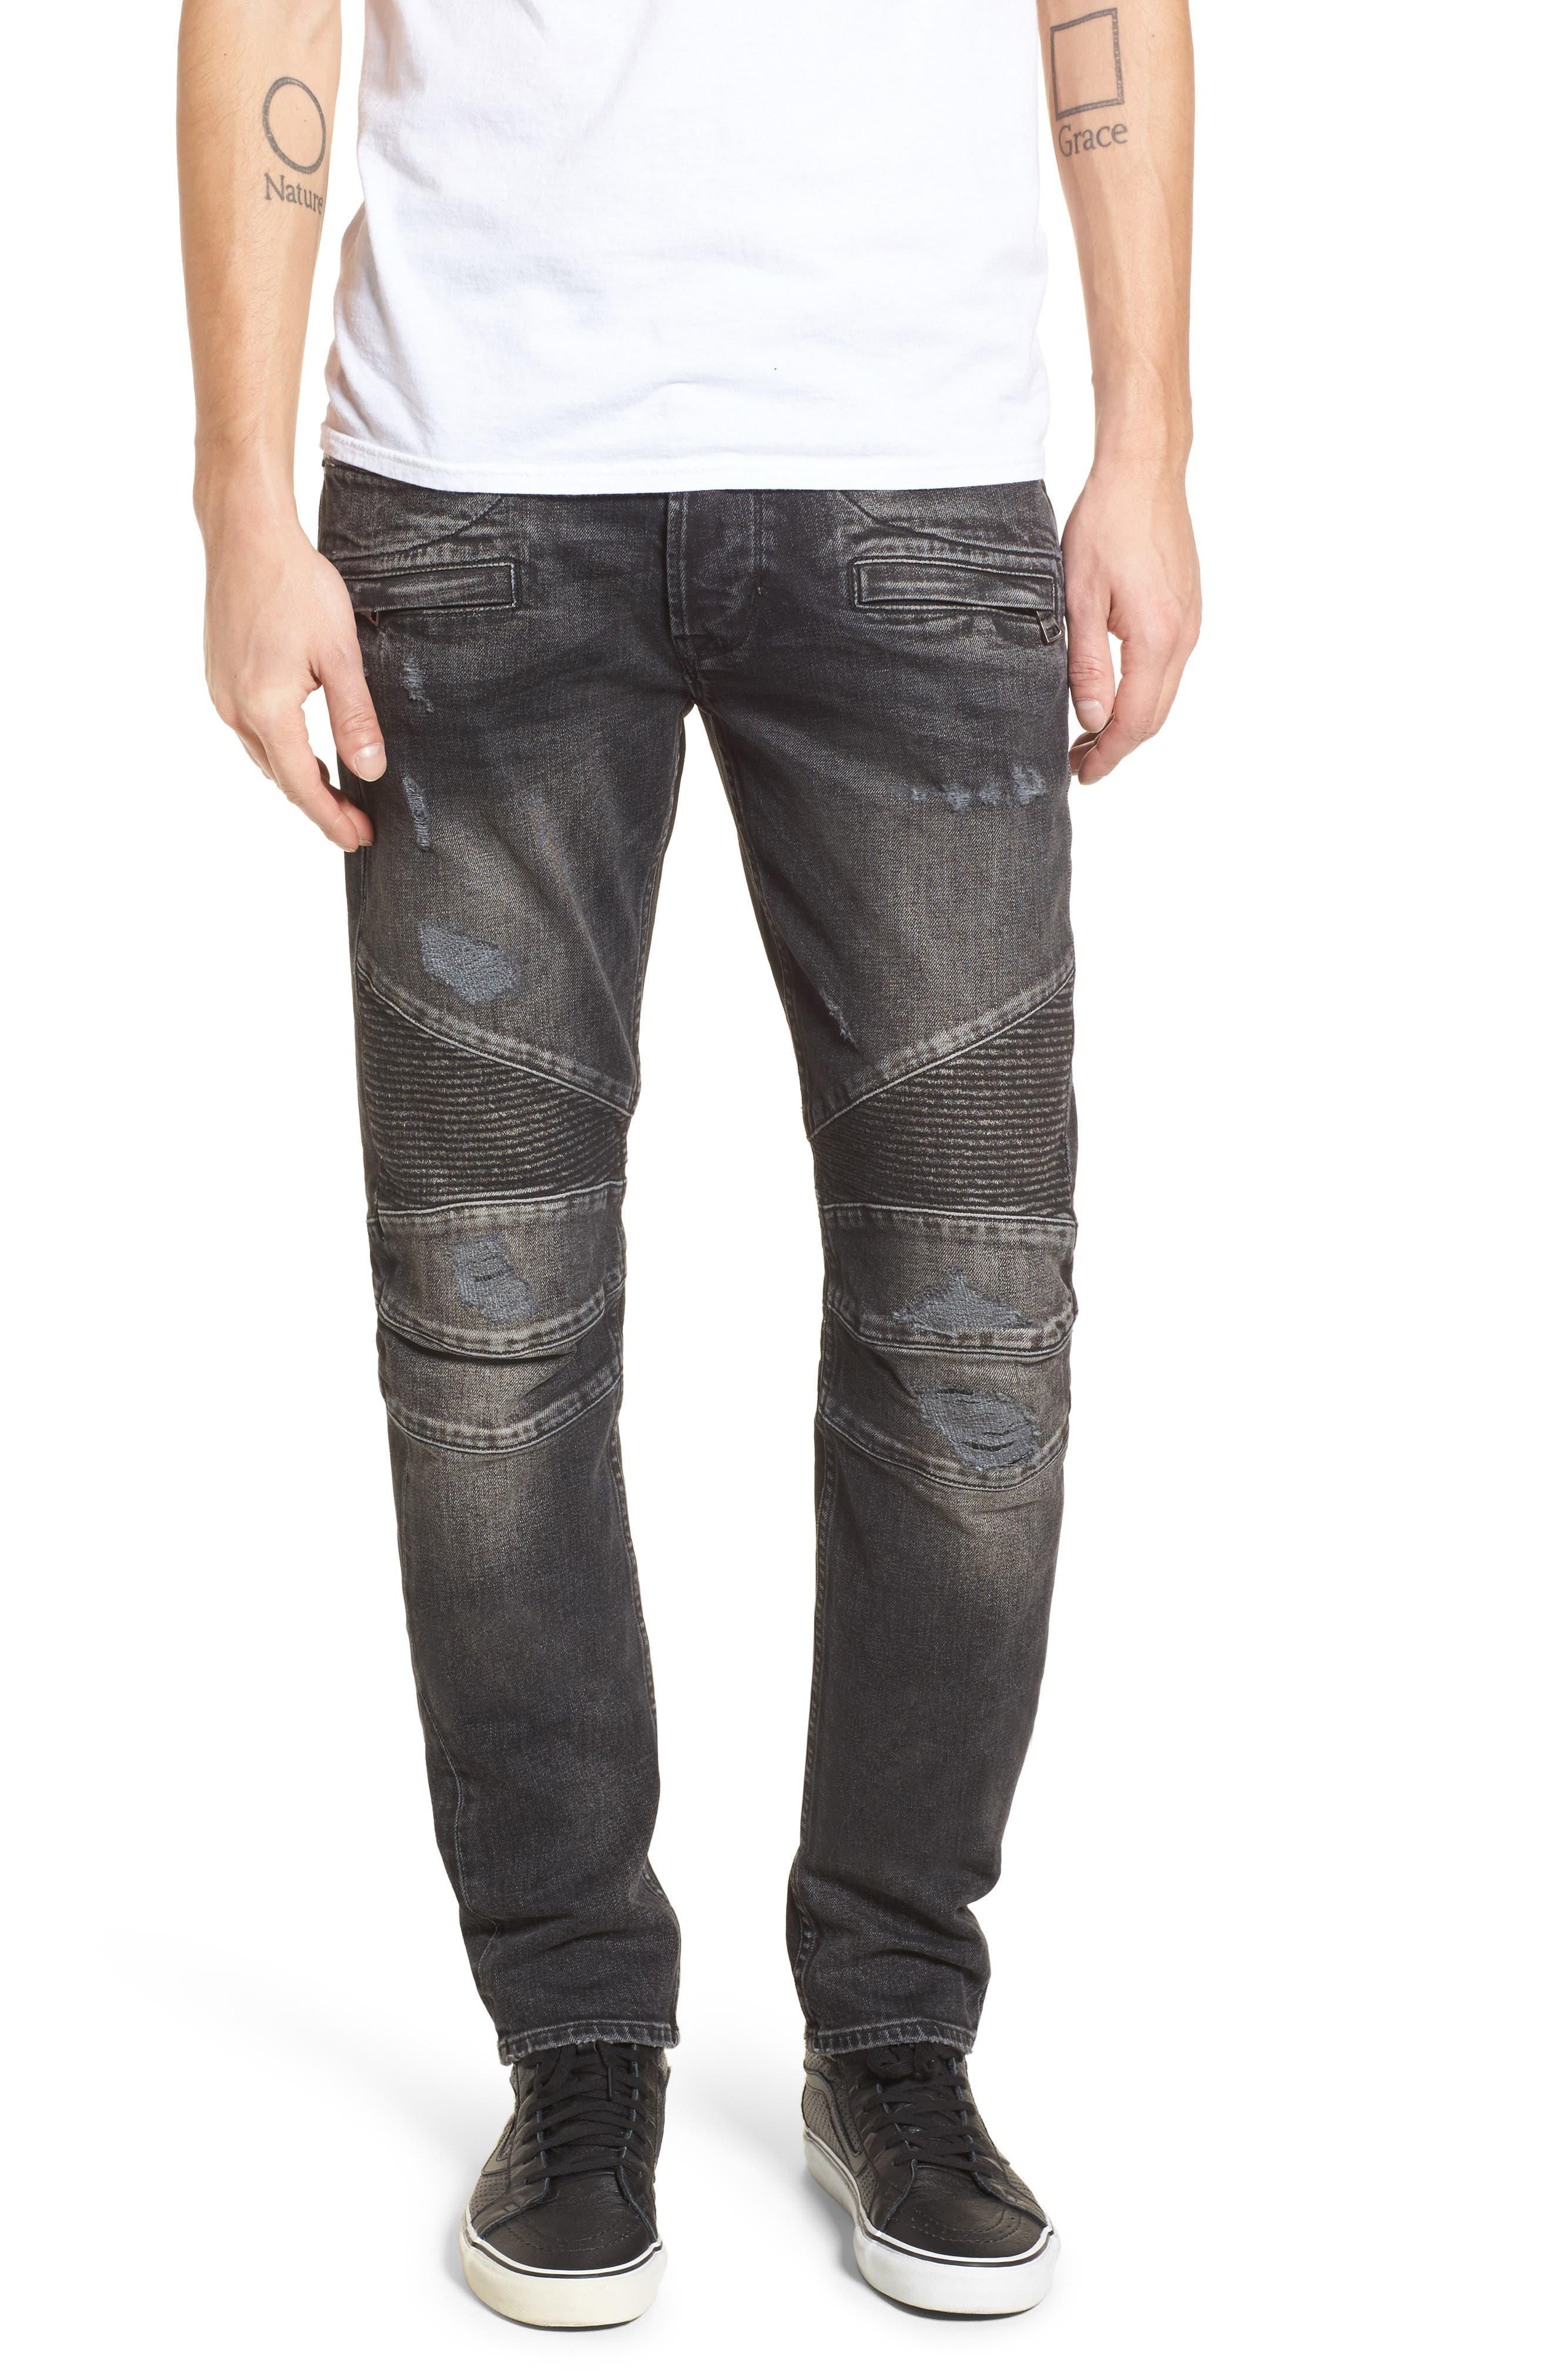 Blinder Biker Skinny Fit Jeans,                         Main,                         color, Hacker